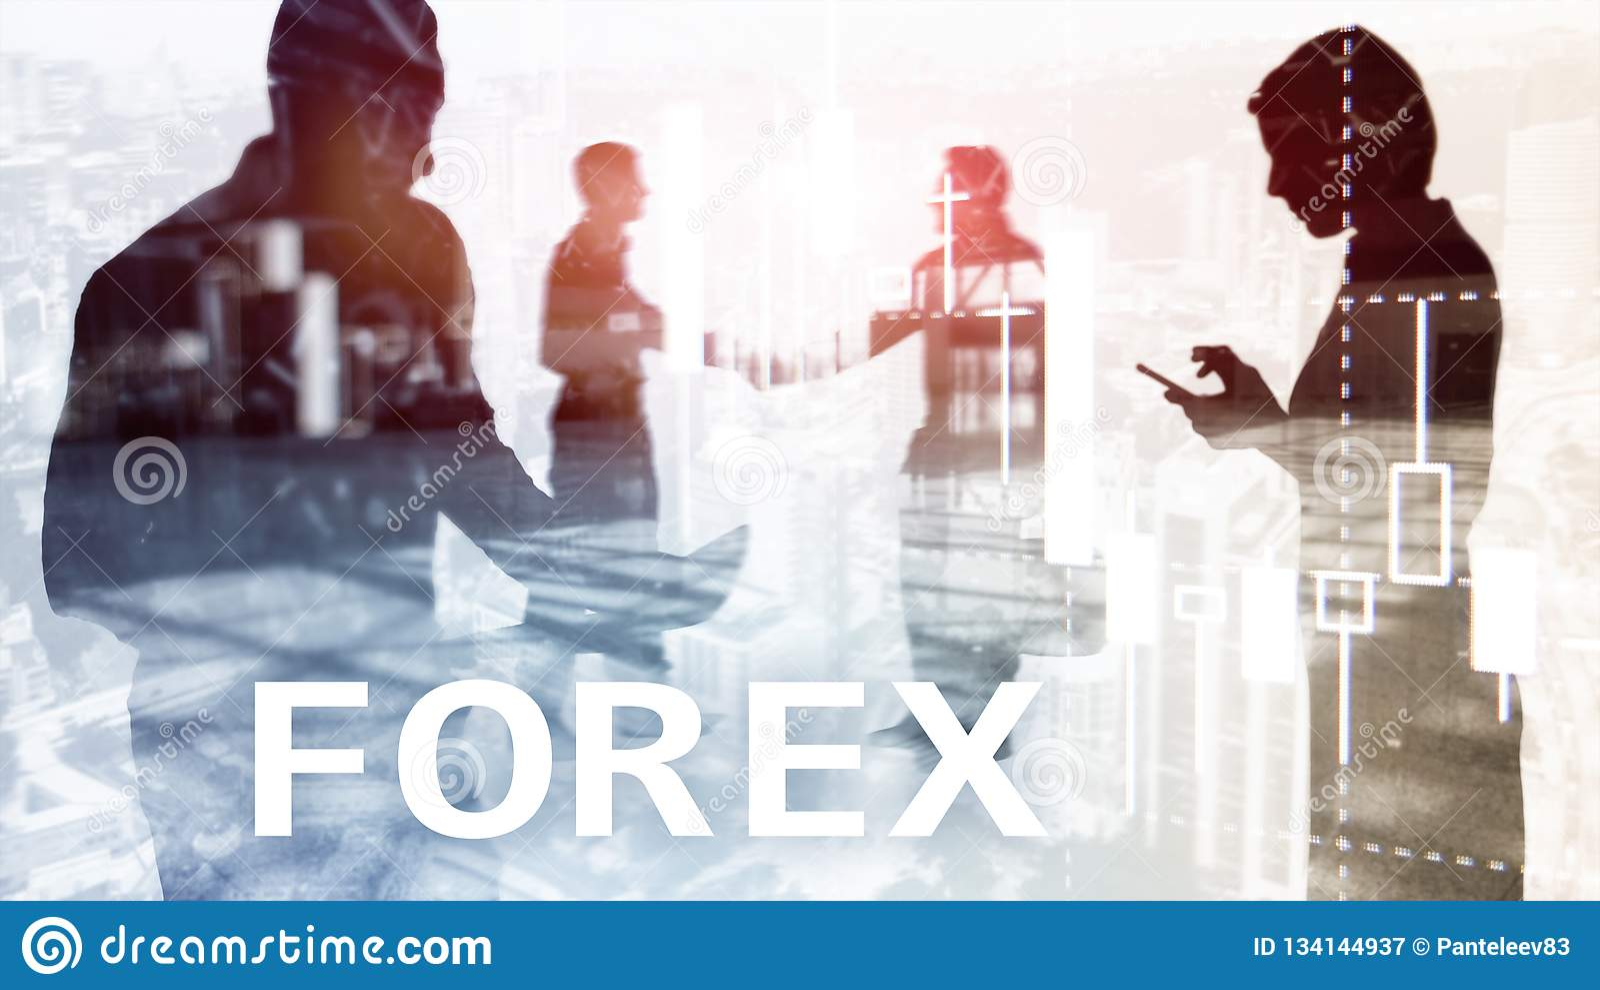 Εμπορικές, οικονομικές κεριών διάγραμμα Forex και γραφικές παραστάσεις στο θολωμένο υπόβαθρο εμπορικών κέντρων Άνδρας και γυναίκα